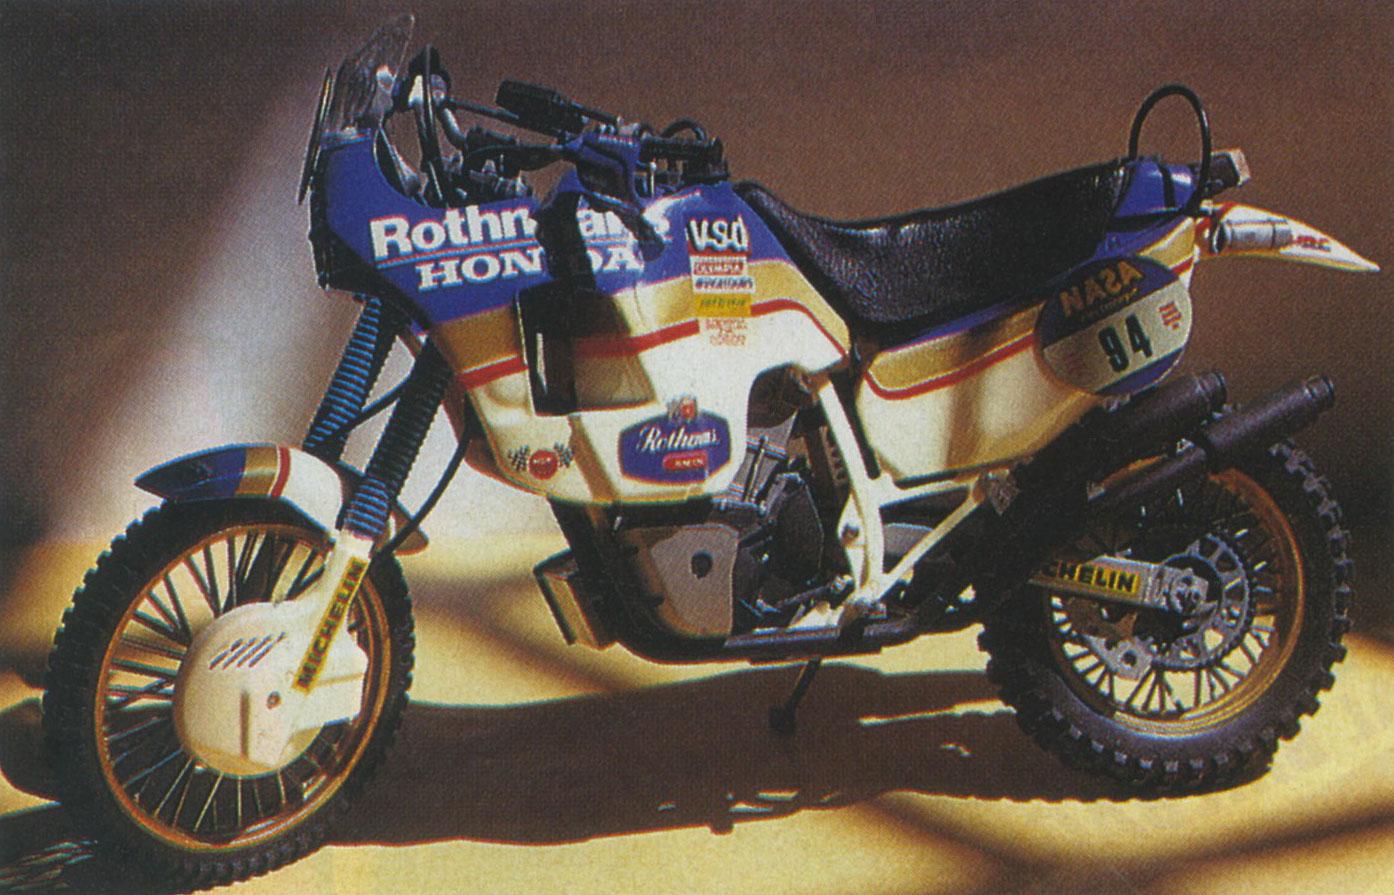 1986 Archieven De Geschiedenis Van Parijs Dakar